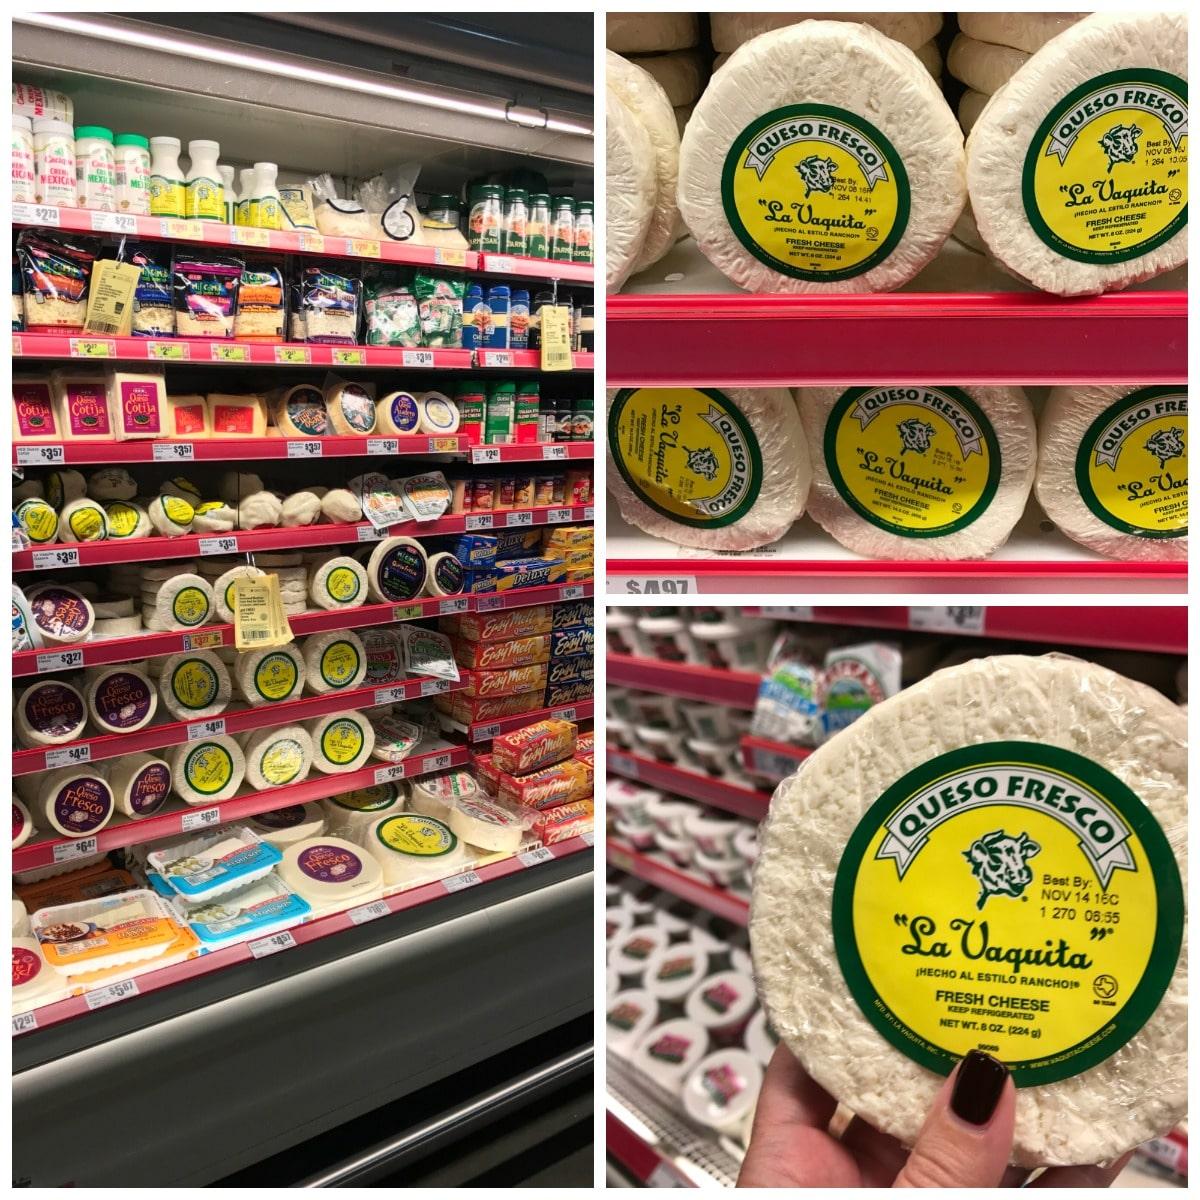 heb-queso-fresco-collage